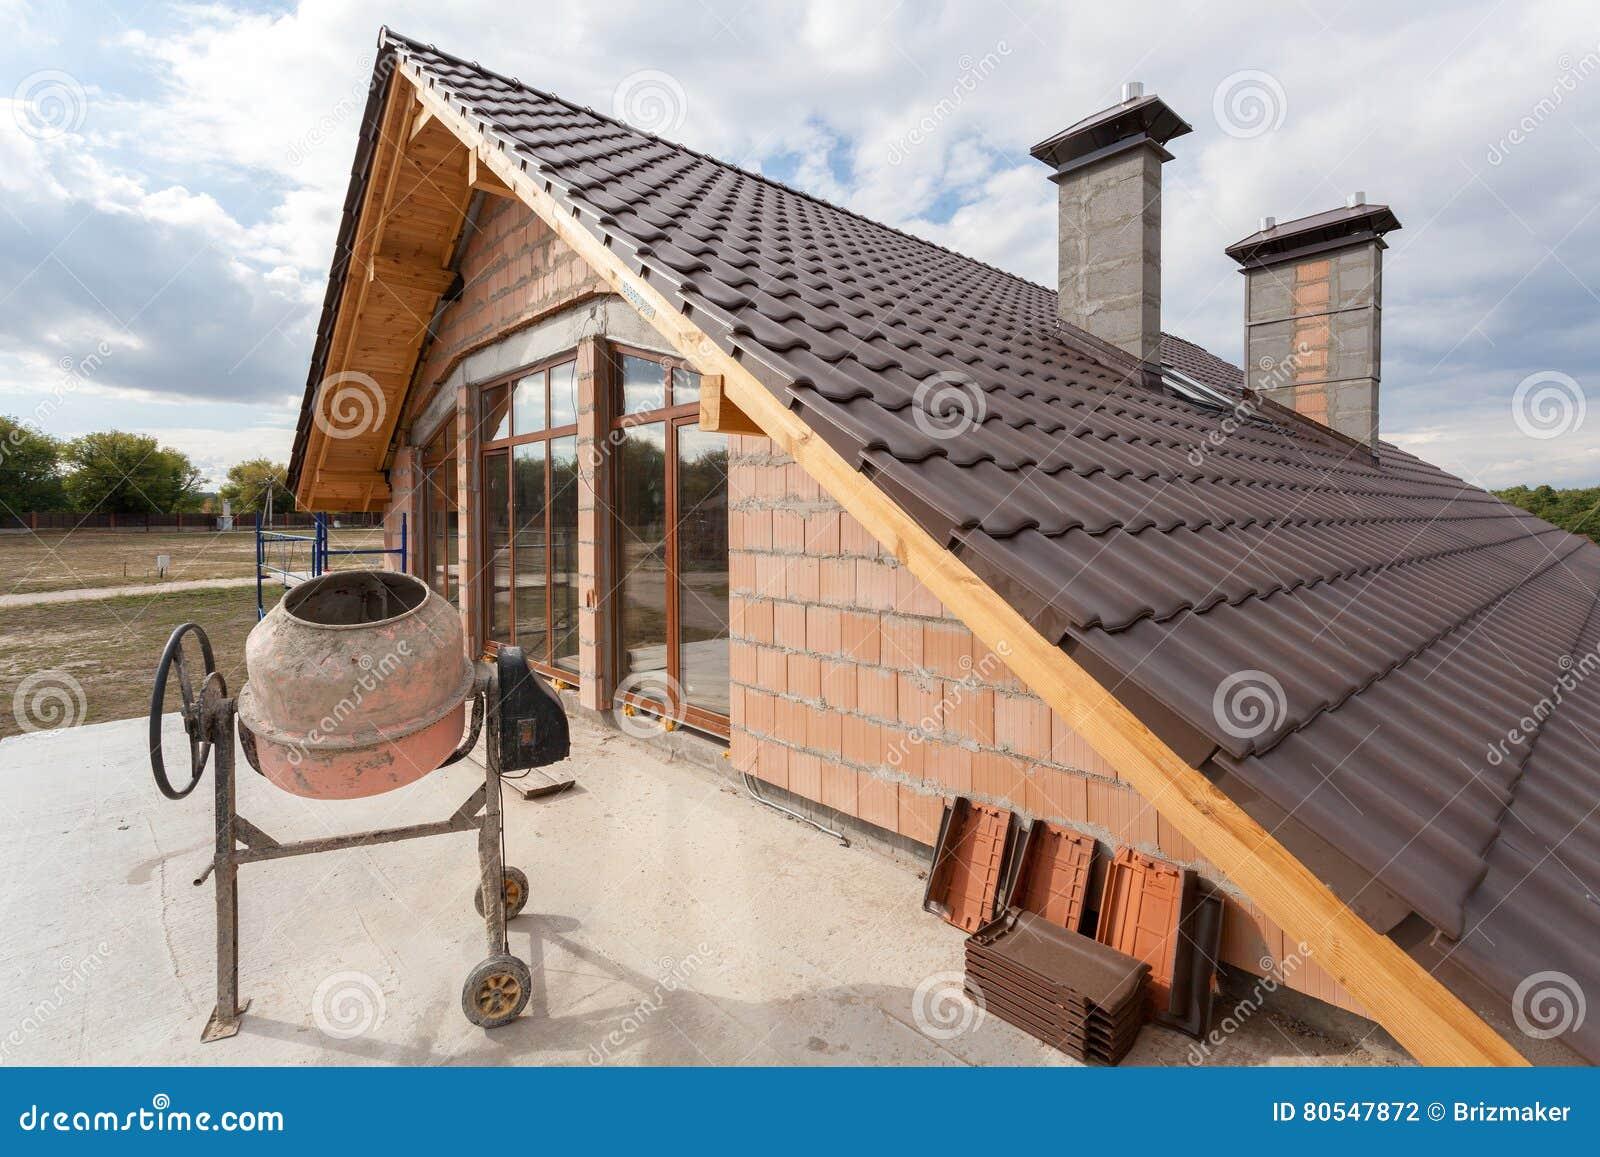 Een Nieuw Huis : Mening over het nieuwe betegelde dak met schoorstenen van eerste